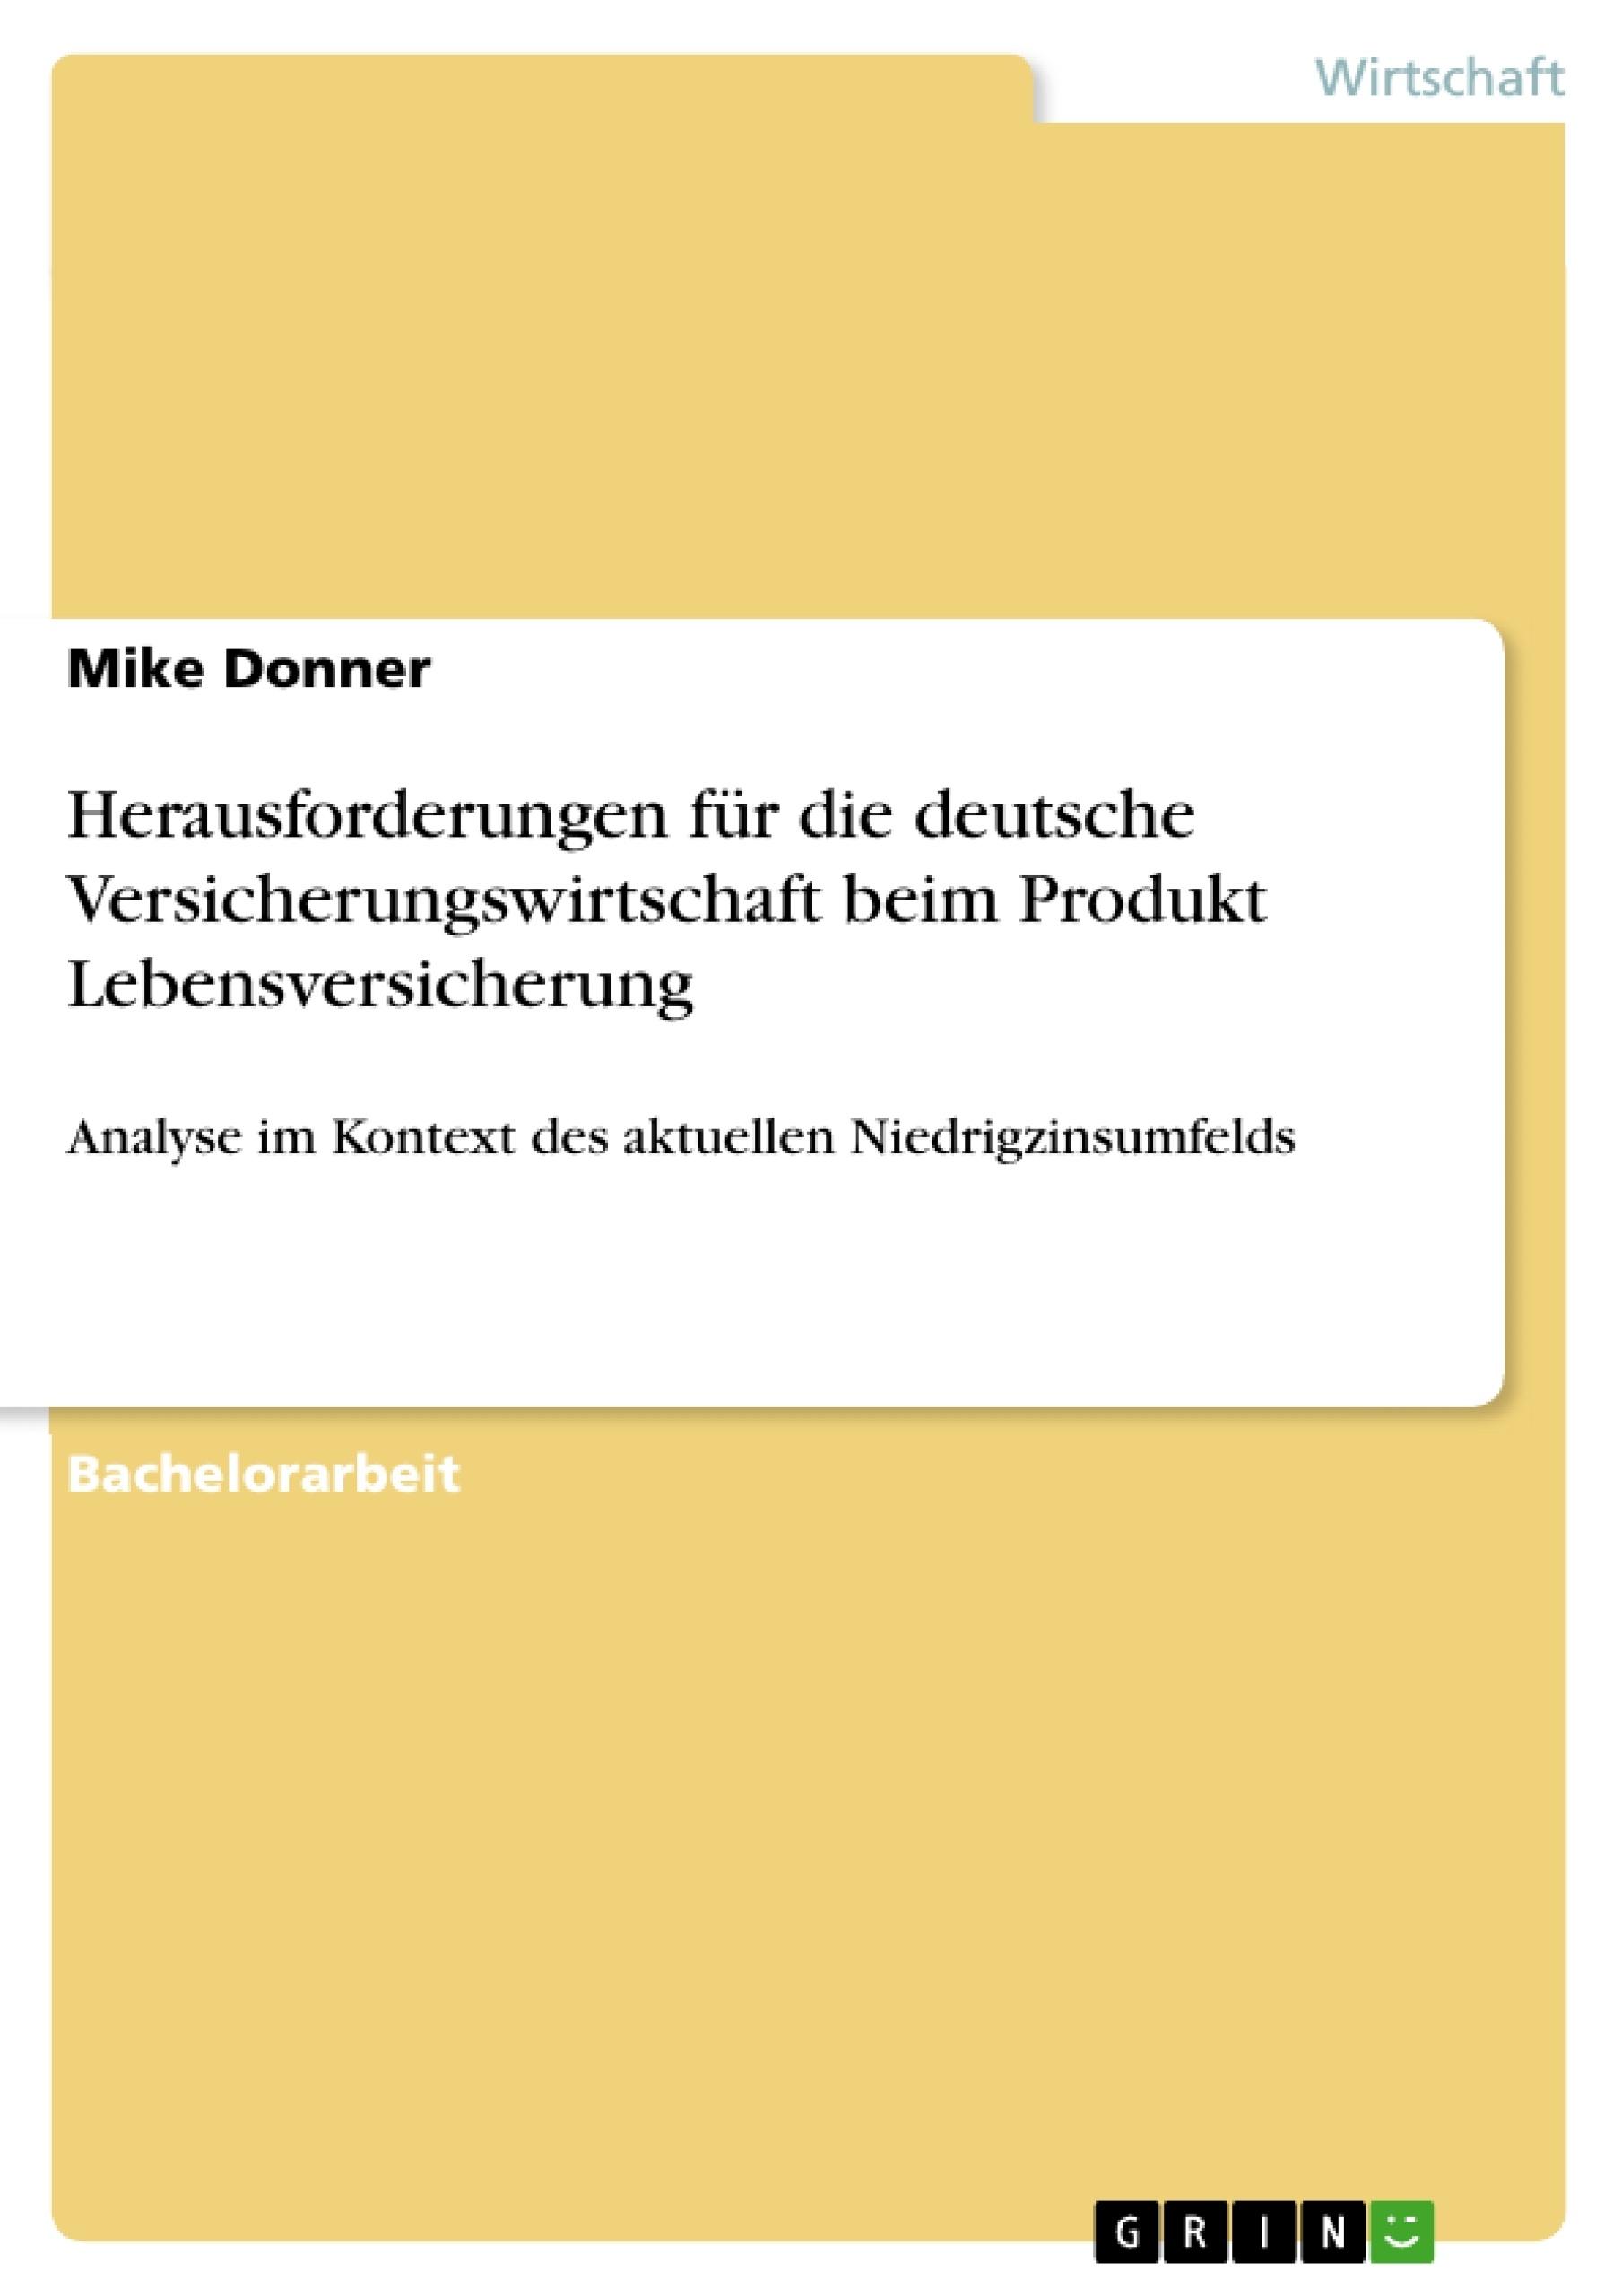 Titel: Herausforderungen für die deutsche Versicherungswirtschaft beim Produkt Lebensversicherung